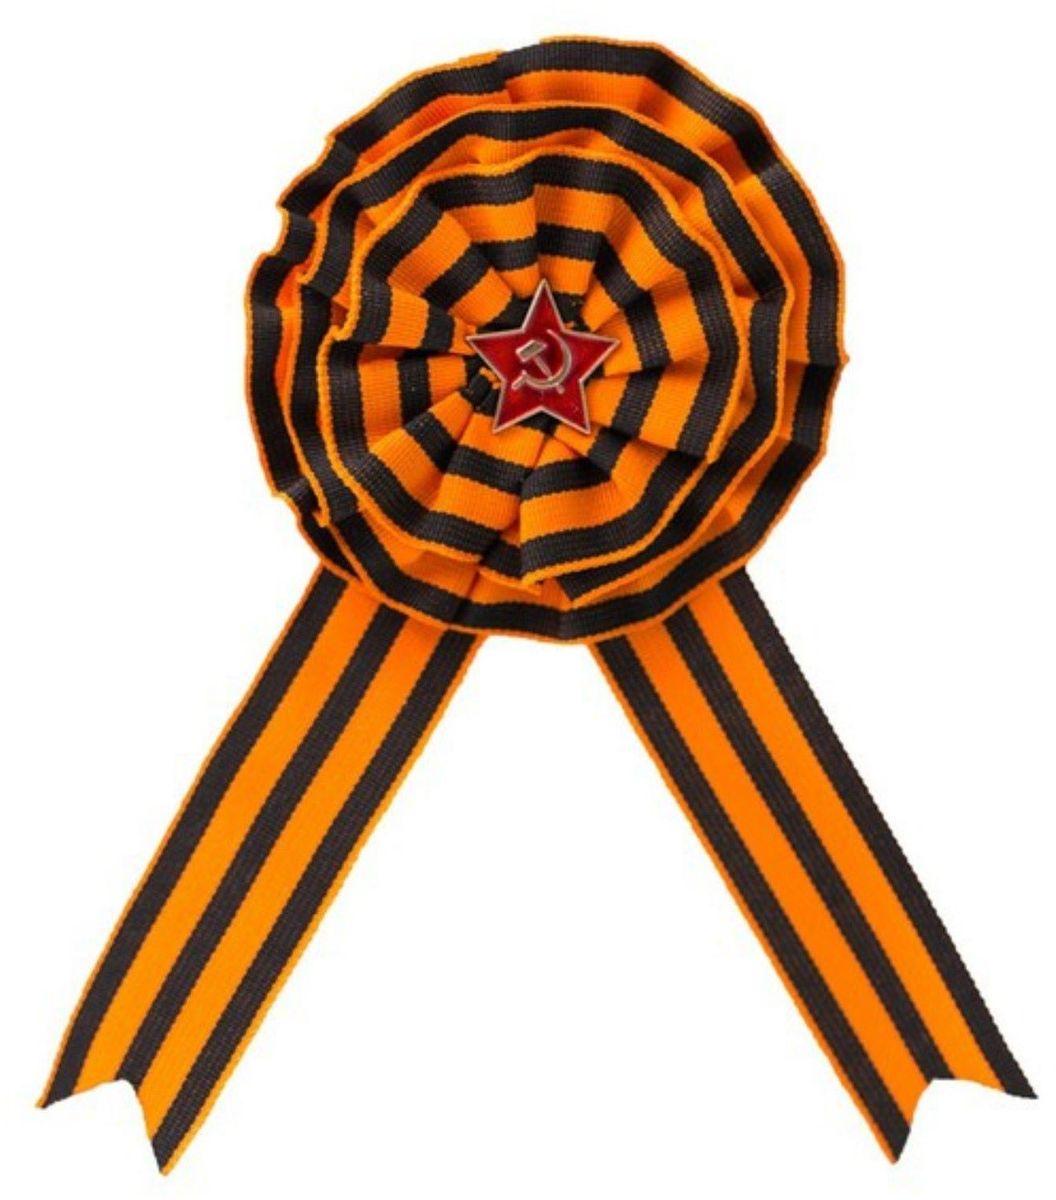 Брошь Бока 9 Мая. 22275972227597Чёрно-оранжевая лента — неизменный атрибут Дня Победы. Такое сочетание цветов использовалось для высших воинских наград, вручаемых за личную храбрость. 9 Мая прикрепите брошь на одежду: этот символ на вашей груди напомнит о доблести солдат и подвигах, совершённых на полях сражений. Такой аксессуар прослужит вам не один год.Брошь на булавке.